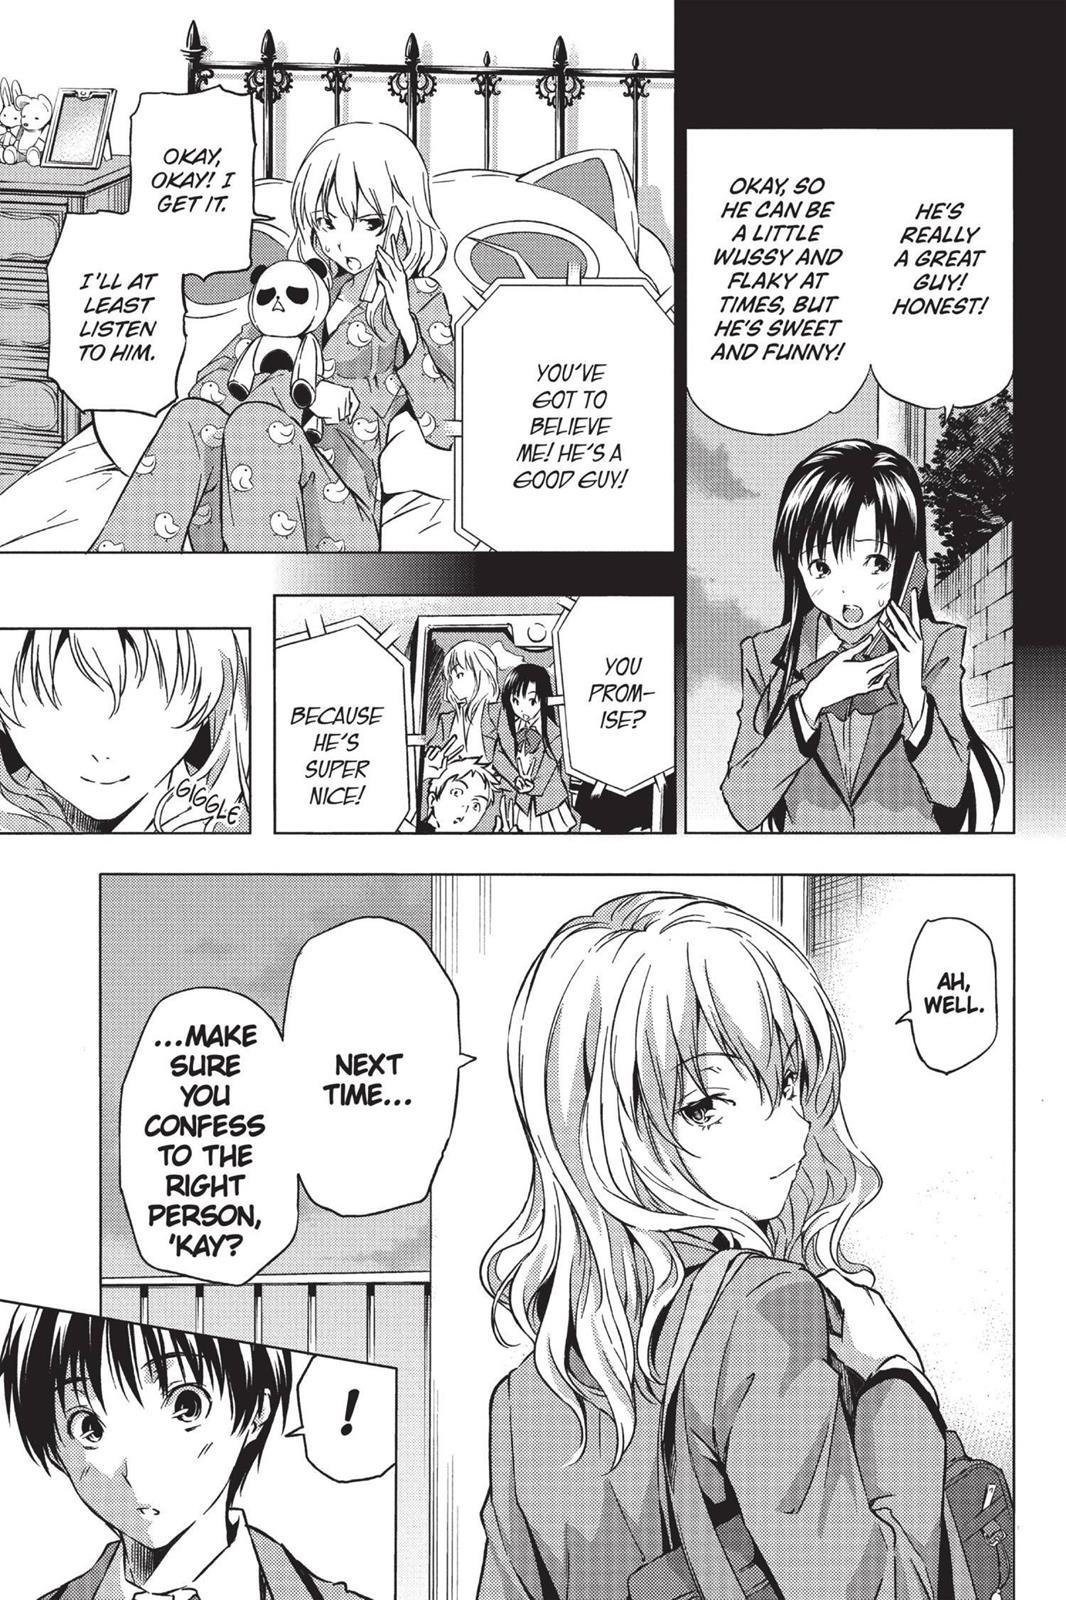 Shokugeki no Soma Chapter 21.5  Online Free Manga Read Image 43